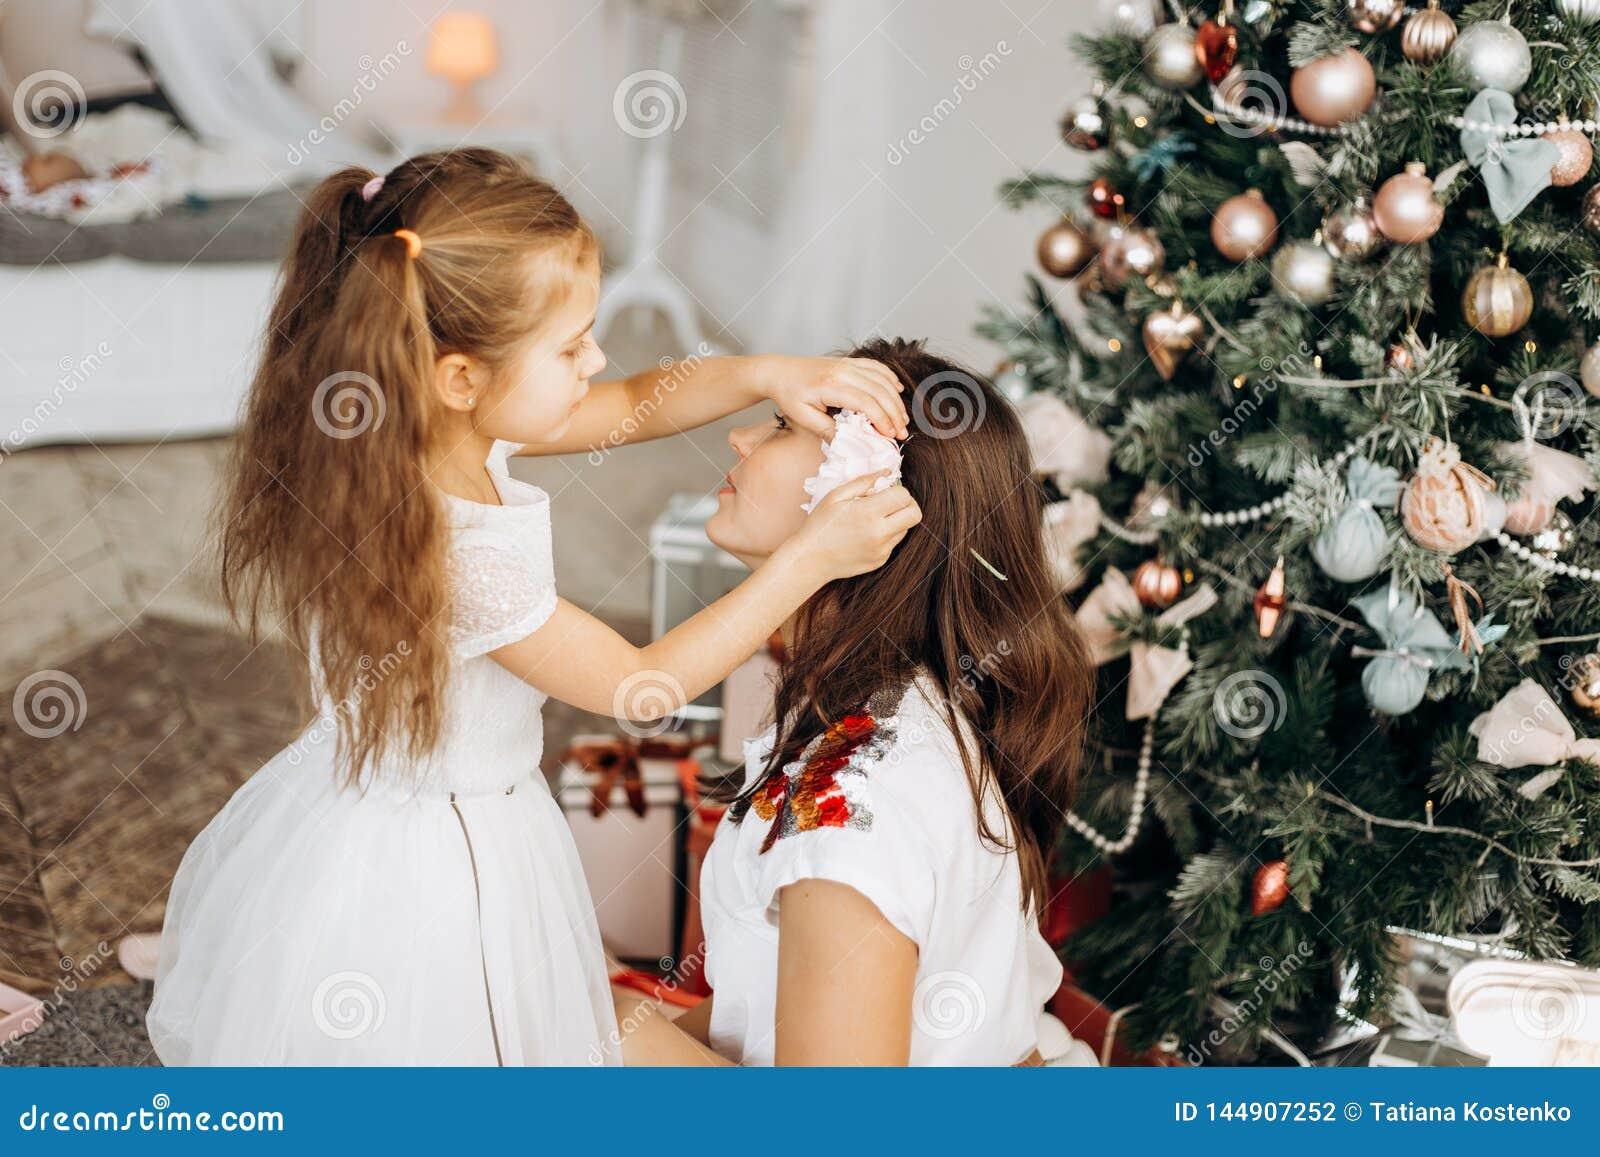 Powabna mała córka w ładnej sukni stawia kwiatu w matkach włosianych blisko nowego roku drzewa